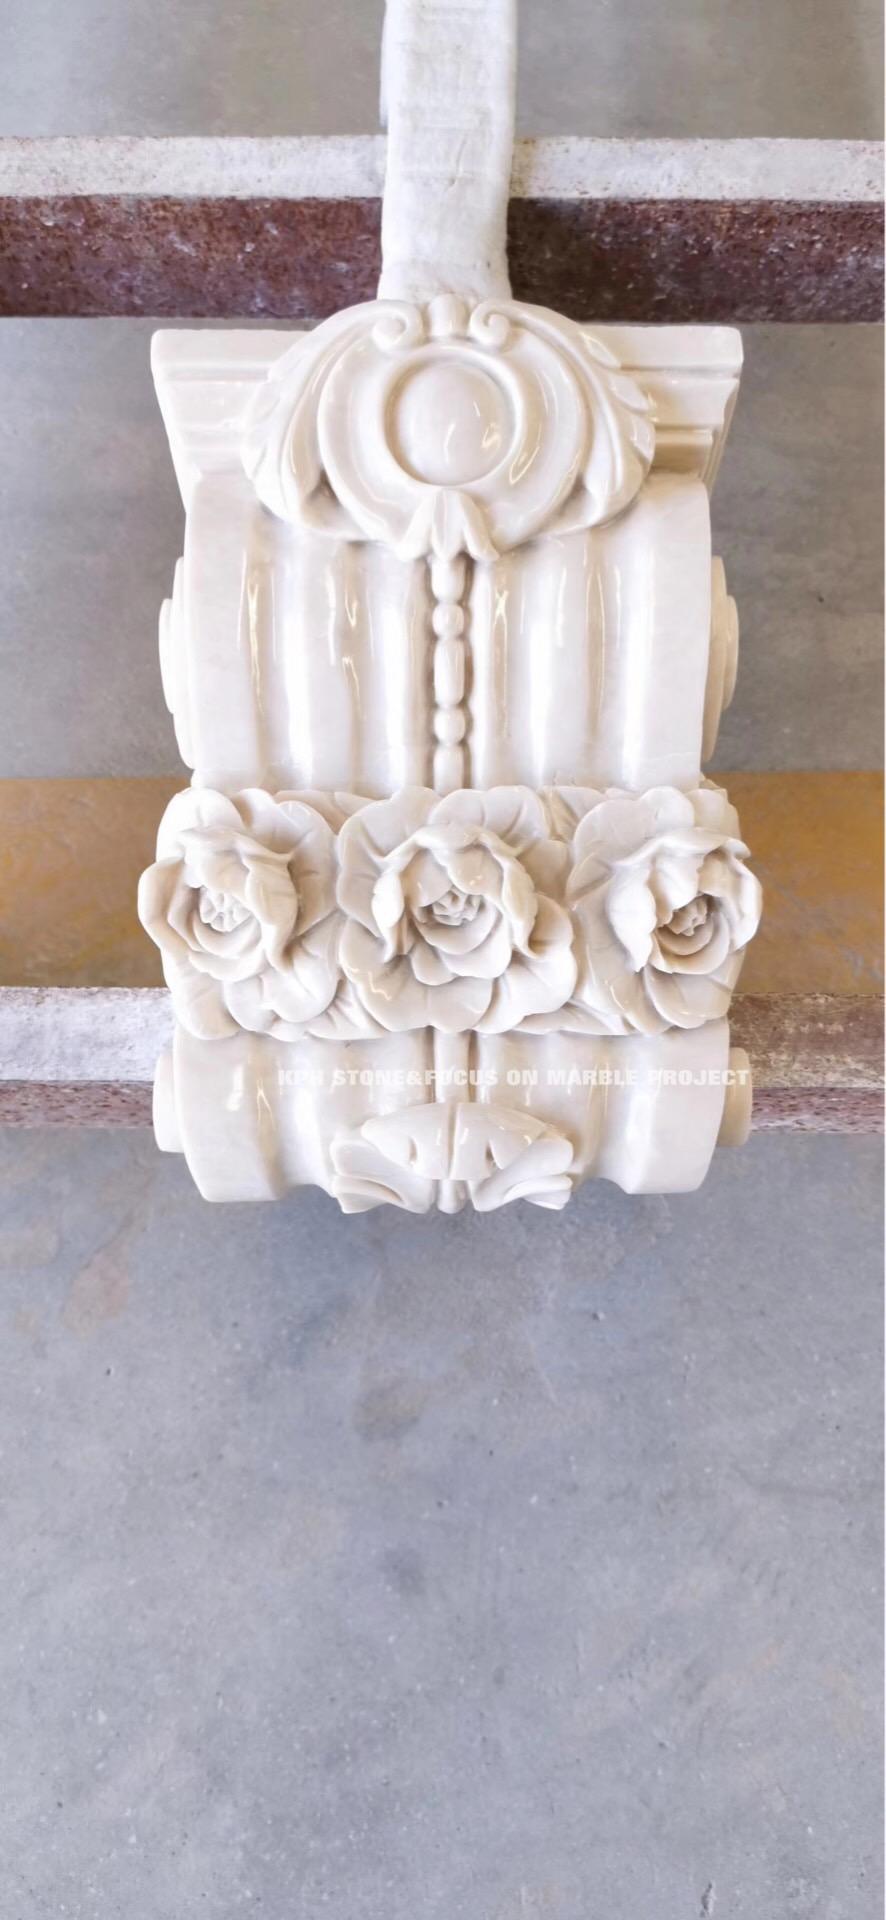 Fangshan Shiwo White Marble columns plinth obelisk